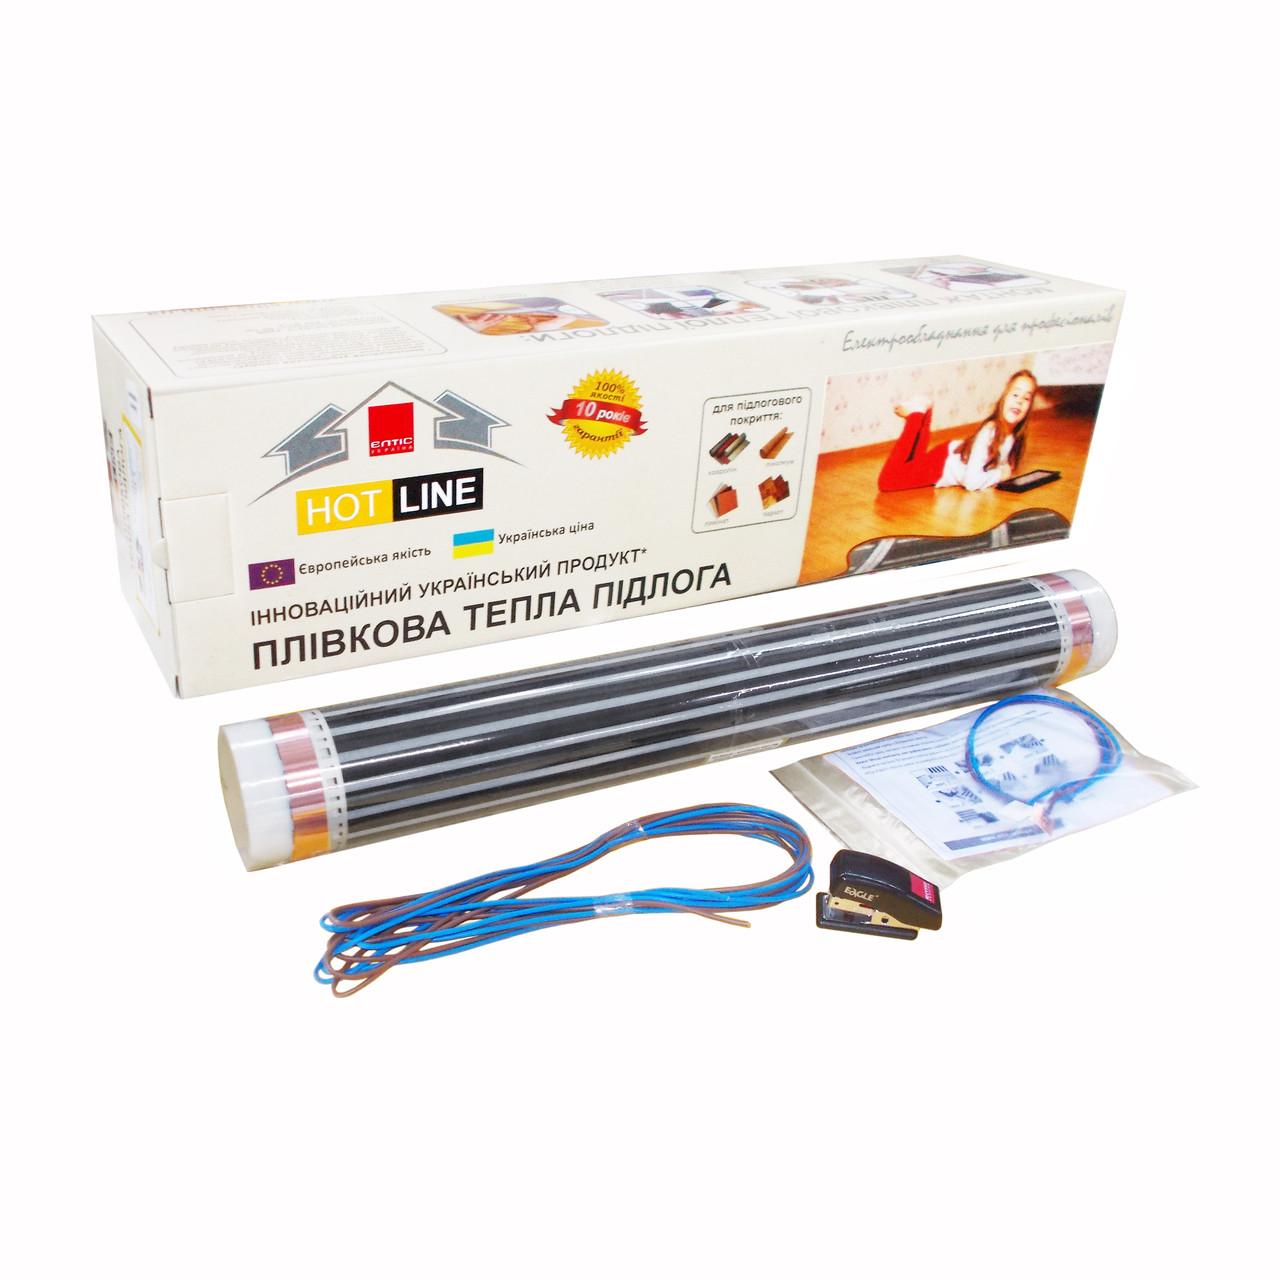 Пленочный пол HOT LINE ПП-6 (0,5х12м) Элтис Украина